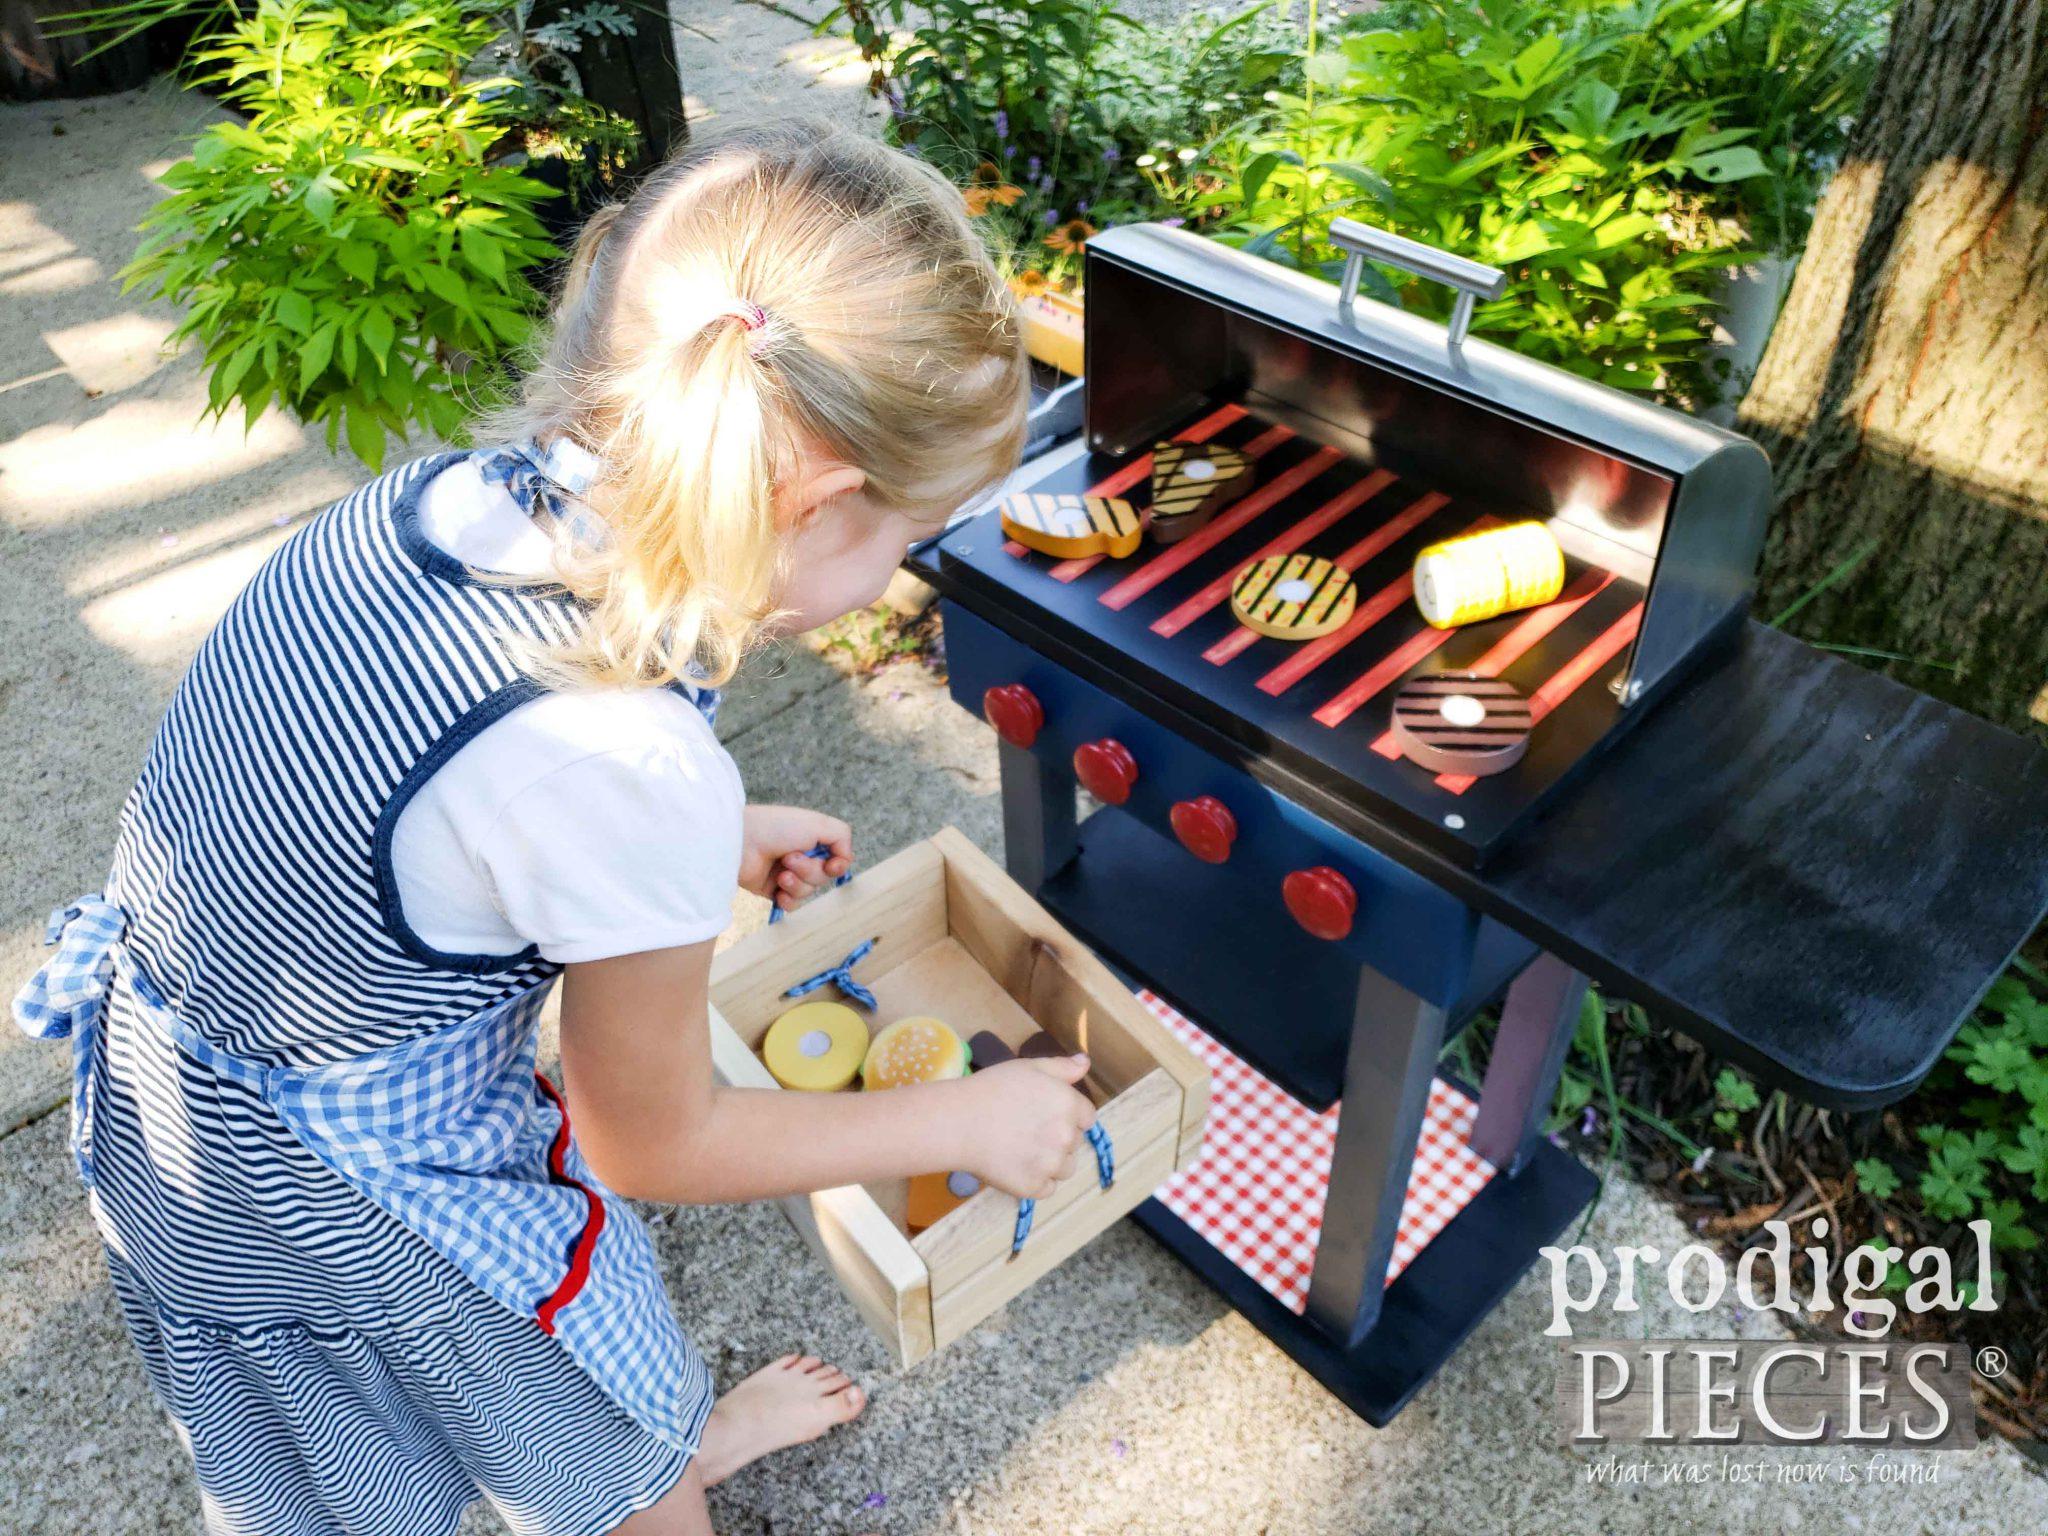 Kids Grill Food & Grill Set by Larissa of Prodigal Pieces | prodigalpieces.com #prodigalpieces #kids #toys #pretendplay #handmade